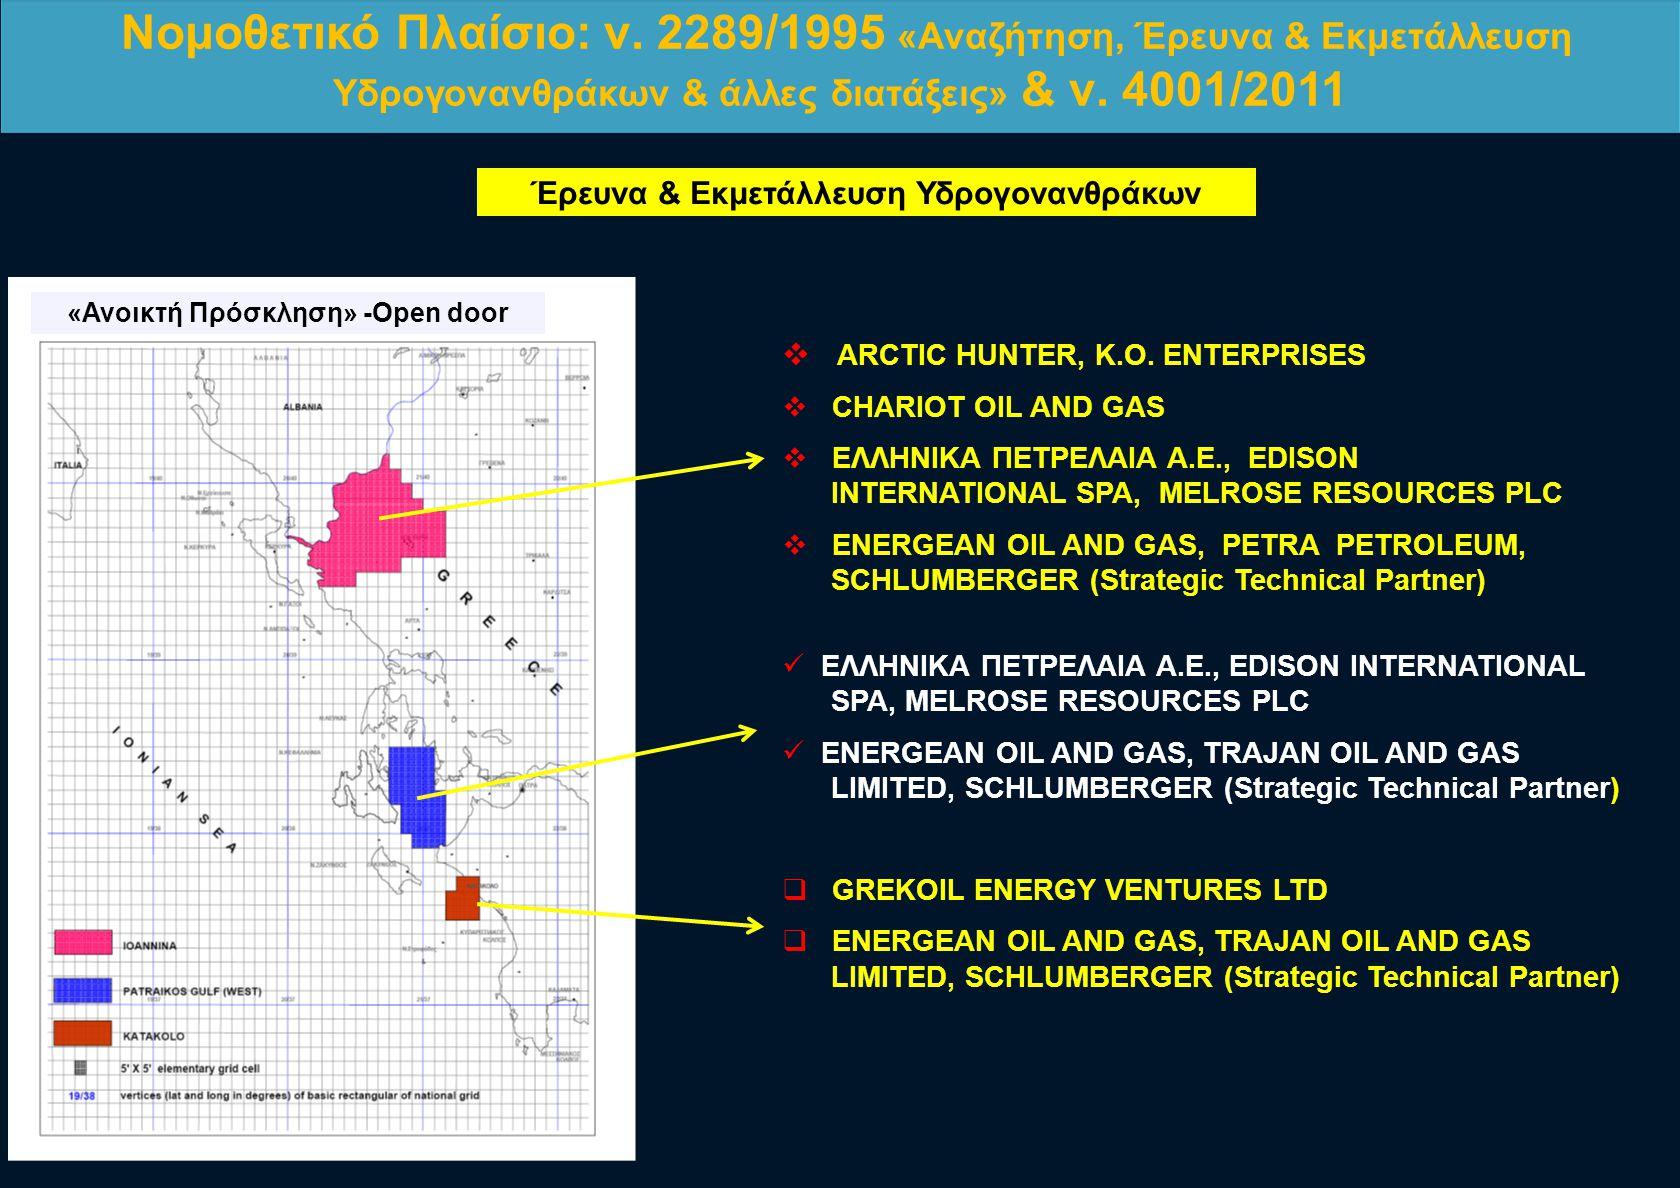 Έρευνα & Εκμετάλλευση Υδρογονανθράκων  ARCTIC HUNTER, K.O. ENTERPRISES  CHARIOT OIL AND GAS  ΕΛΛΗΝΙΚΑ ΠΕΤΡΕΛΑΙΑ Α.Ε., EDISON INTERNATIONAL SPA, MEL